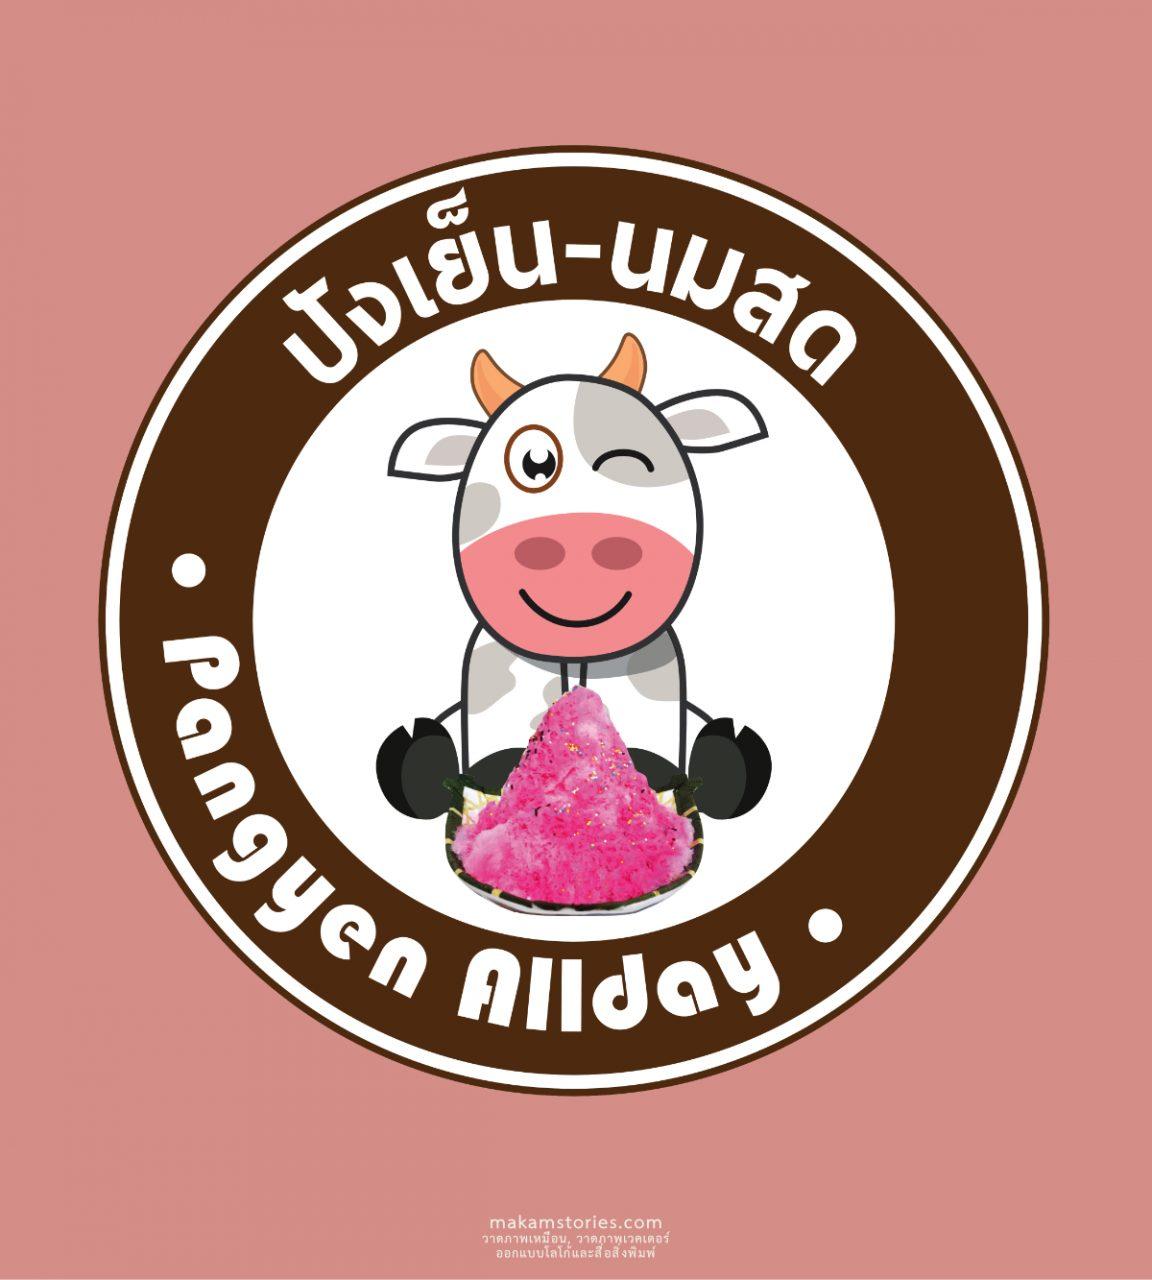 ออกแบบโลโก้ ร้านขายนมสดขนมปัง